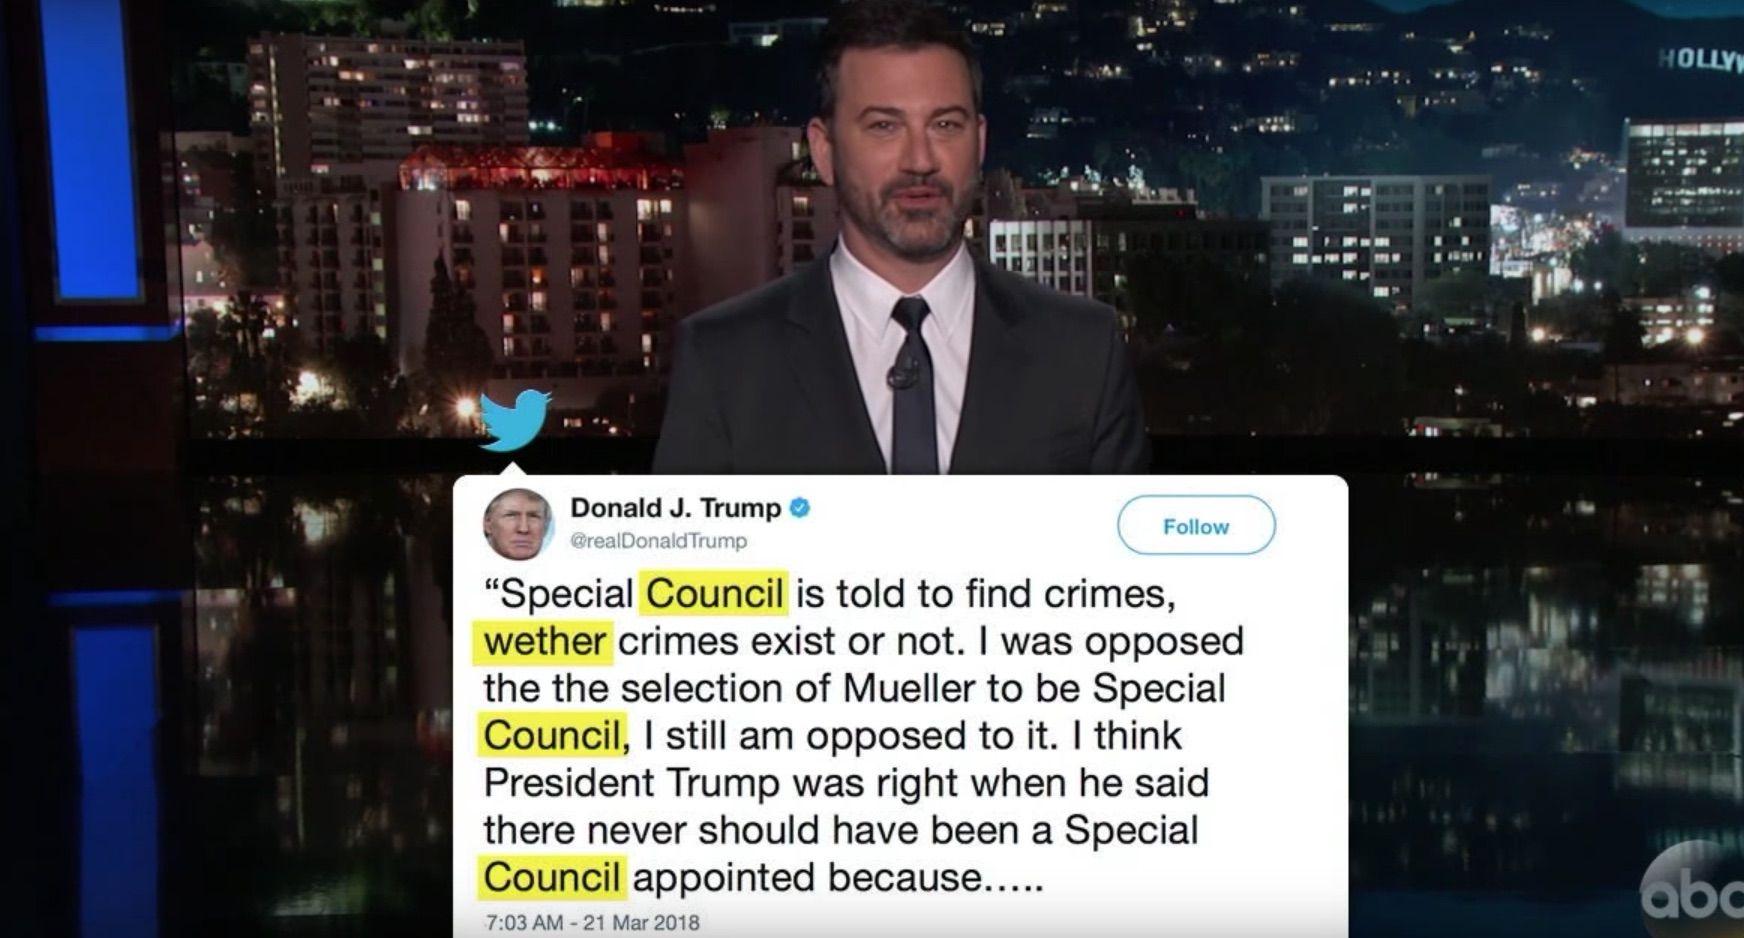 Kimmel mocks Trump's bad spelling